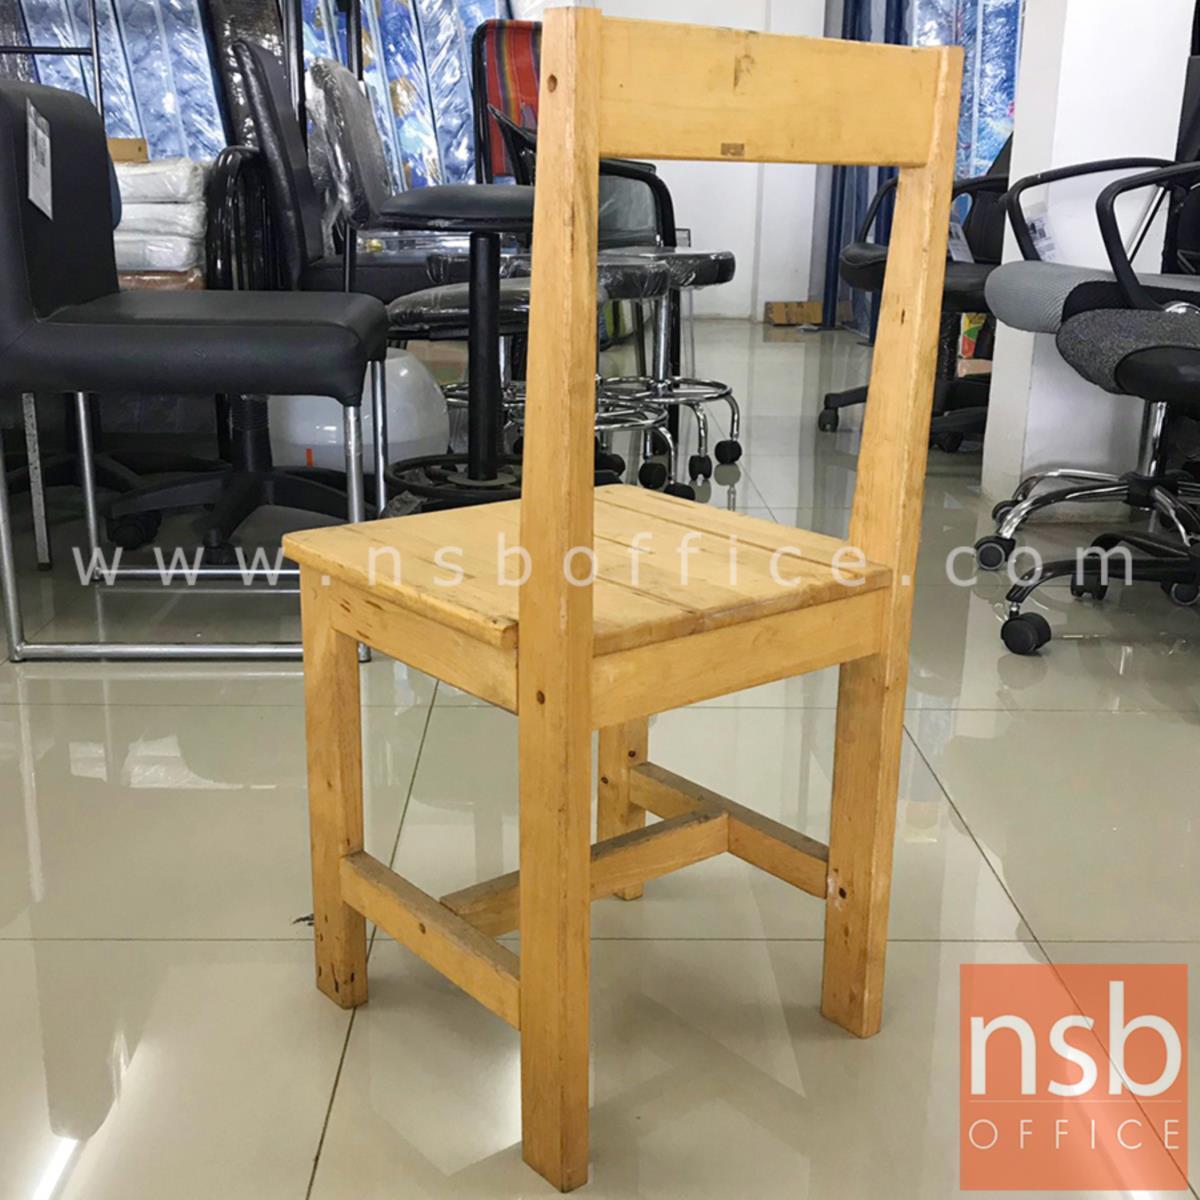 เก้าอี้ไม้ล้วน รุ่น NSB-CHAIR2 ขนาด 35W*74H cm. (STOCK-1 ตัว)